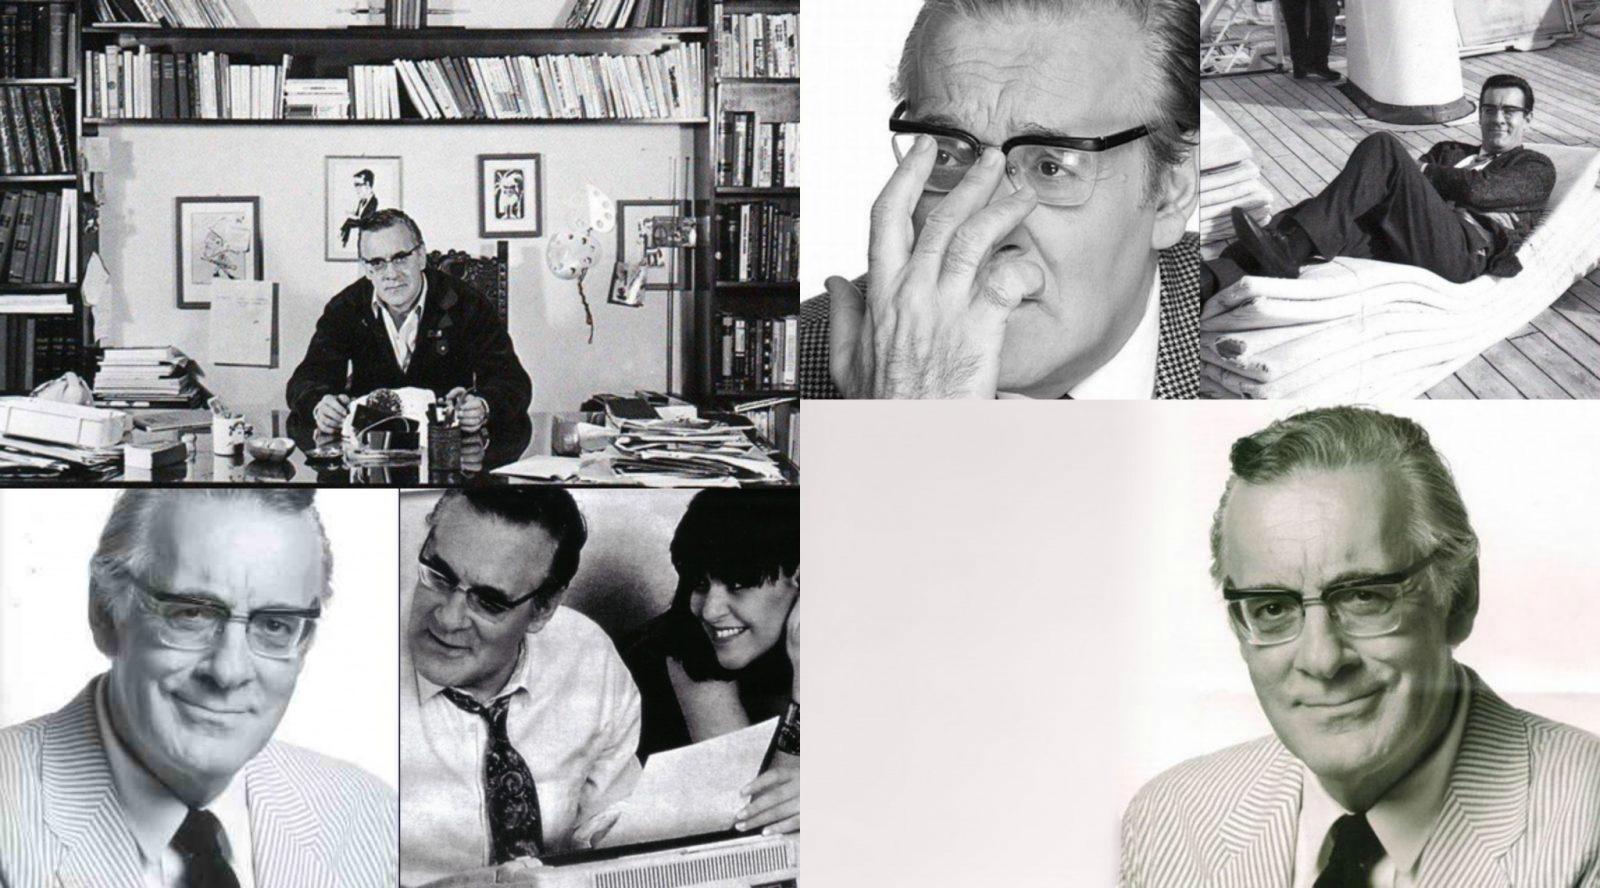 Δημοσιογράφος, συγγραφέας, χρονογράφος, ο Φρέντυ Γερμανός, σαν σήμερα γεννήθηκε